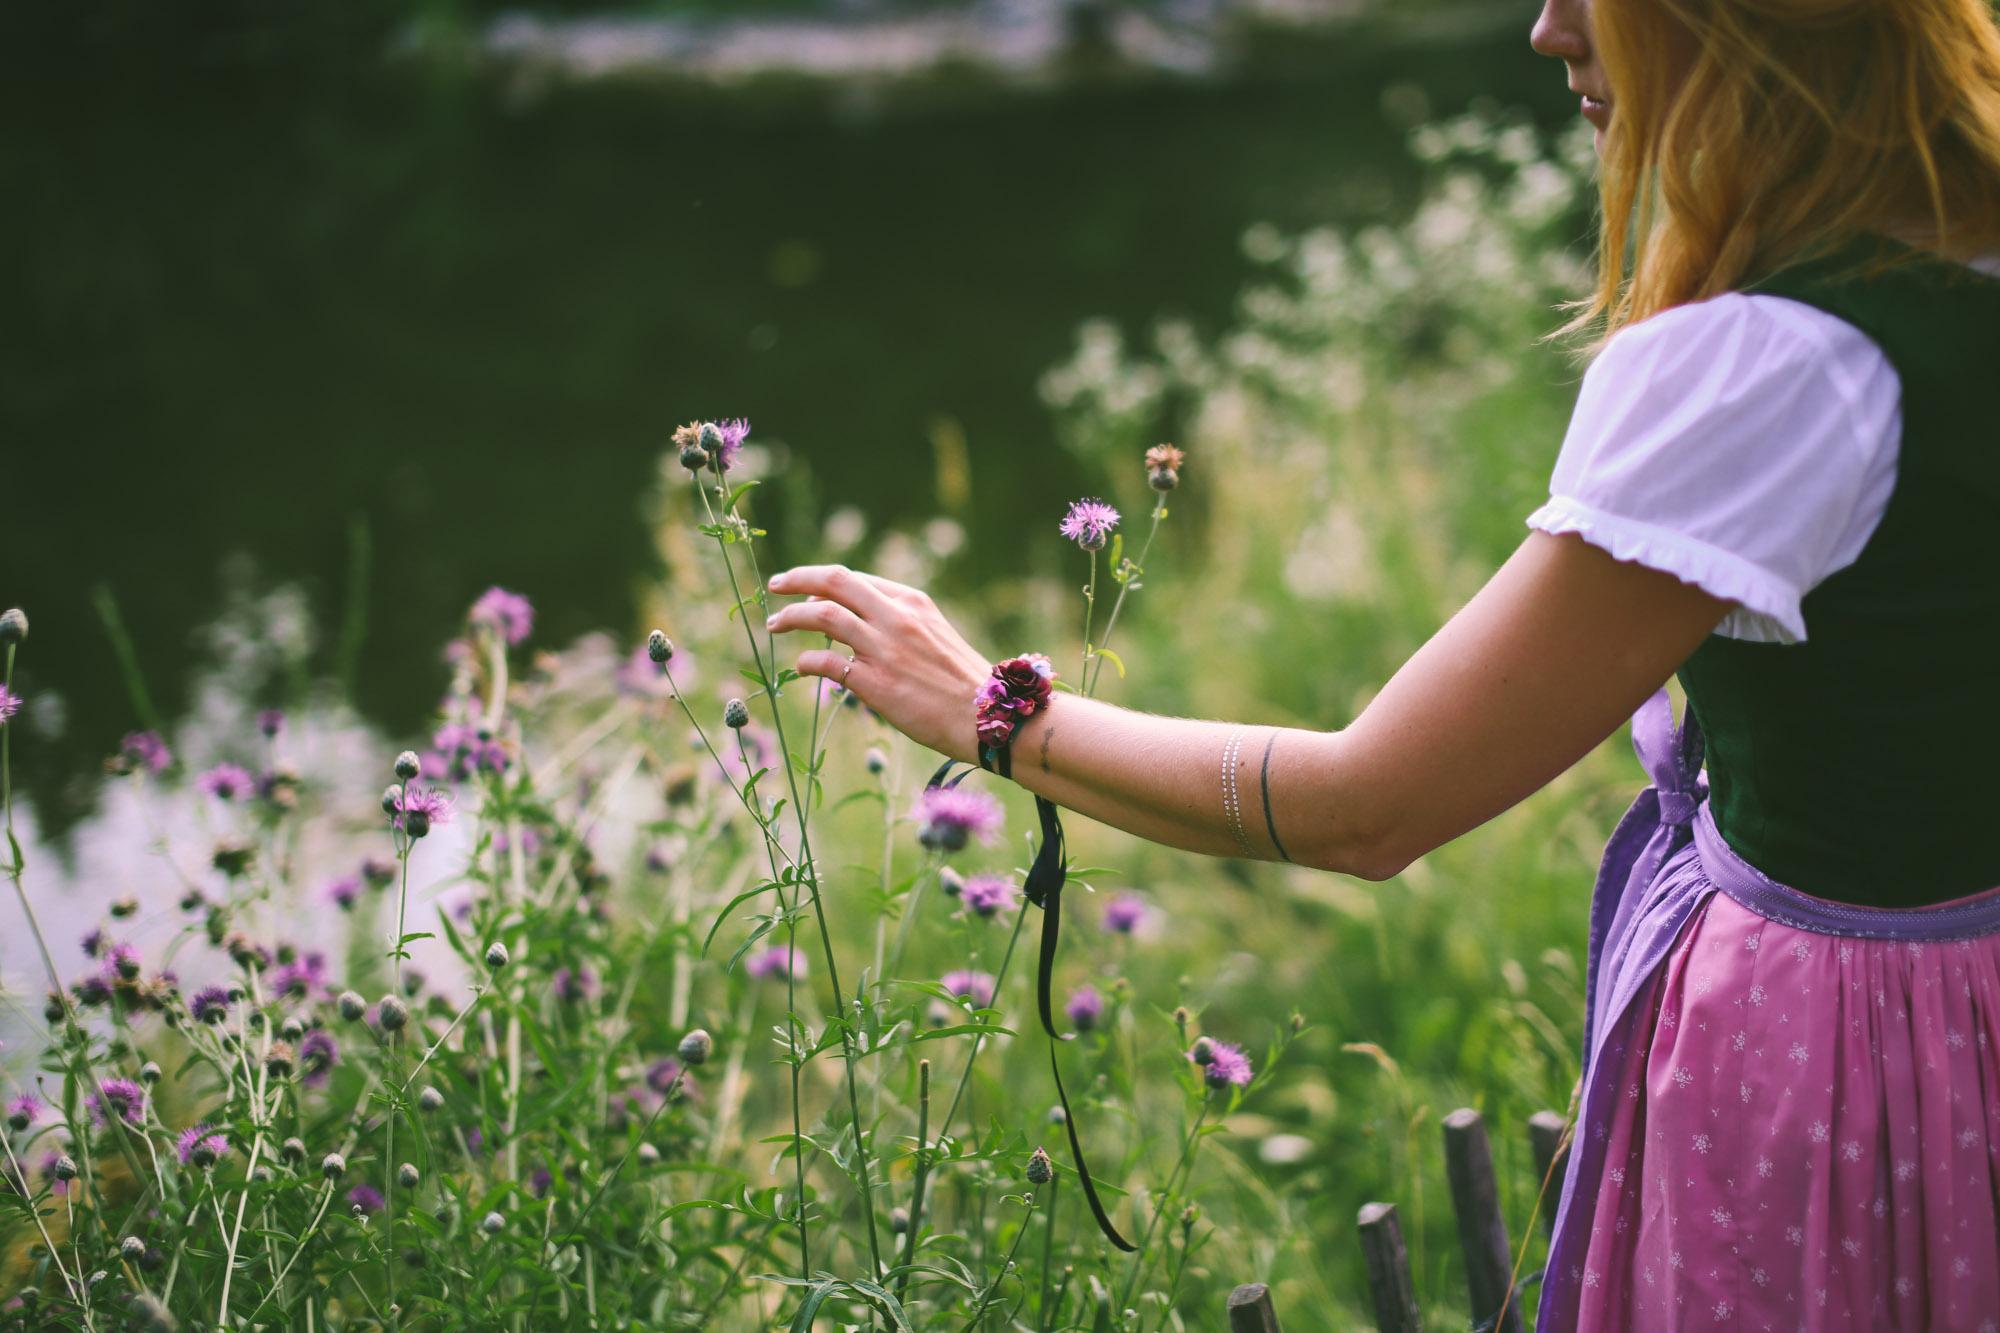 ADA16_Lookbook_We_are_flowergirls_blumenkranz_trachten_flowercrown_(32_von_40)_WEB.jpg